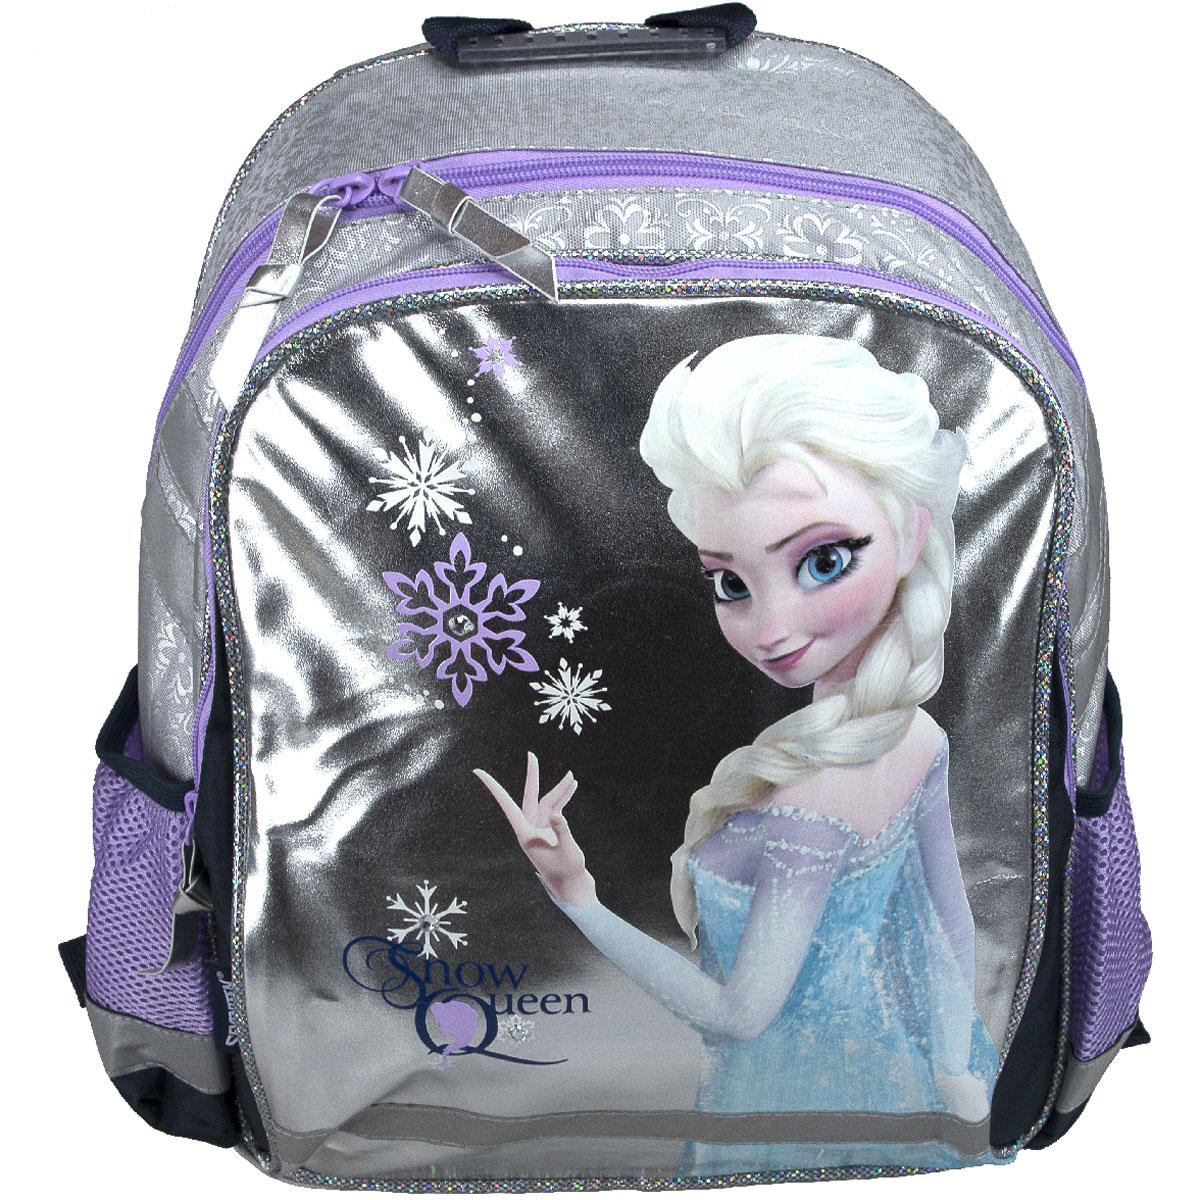 Рюкзак школьный Disney Frozen Snow Queen, цвет: серебристый, фиолетовыйFZCB-UT1-977Рюкзак школьный Disney Frozen Snow Queen обязательно понравится вашей школьнице. Выполнен из прочных и высококачественных материалов, дополнен изображением героини мультфильма Холодное сердце. Содержит два вместительных отделения, закрывающиеся на застежки-молнии. В большом отделении находится перегородка для тетрадей или учебников. Дно рюкзака можно сделать жестким, разложив специальную панель с пластиковой вставкой, что повышает сохранность содержимого рюкзака и способствует правильному распределению нагрузки. По бокам расположены два накладных кармана-сетка. Конструкция спинки дополнена противоскользящей сеточкой и системой вентиляции для предотвращения запотевания спины ребенка. Мягкие широкие лямки позволяют легко и быстро отрегулировать рюкзак в соответствии с ростом. Рюкзак оснащен эргономичной ручкой для удобной переноски в руке. Светоотражающие элементы обеспечивают безопасность в темное время суток. Такой школьный рюкзак станет незаменимым спутником вашего ребенка...